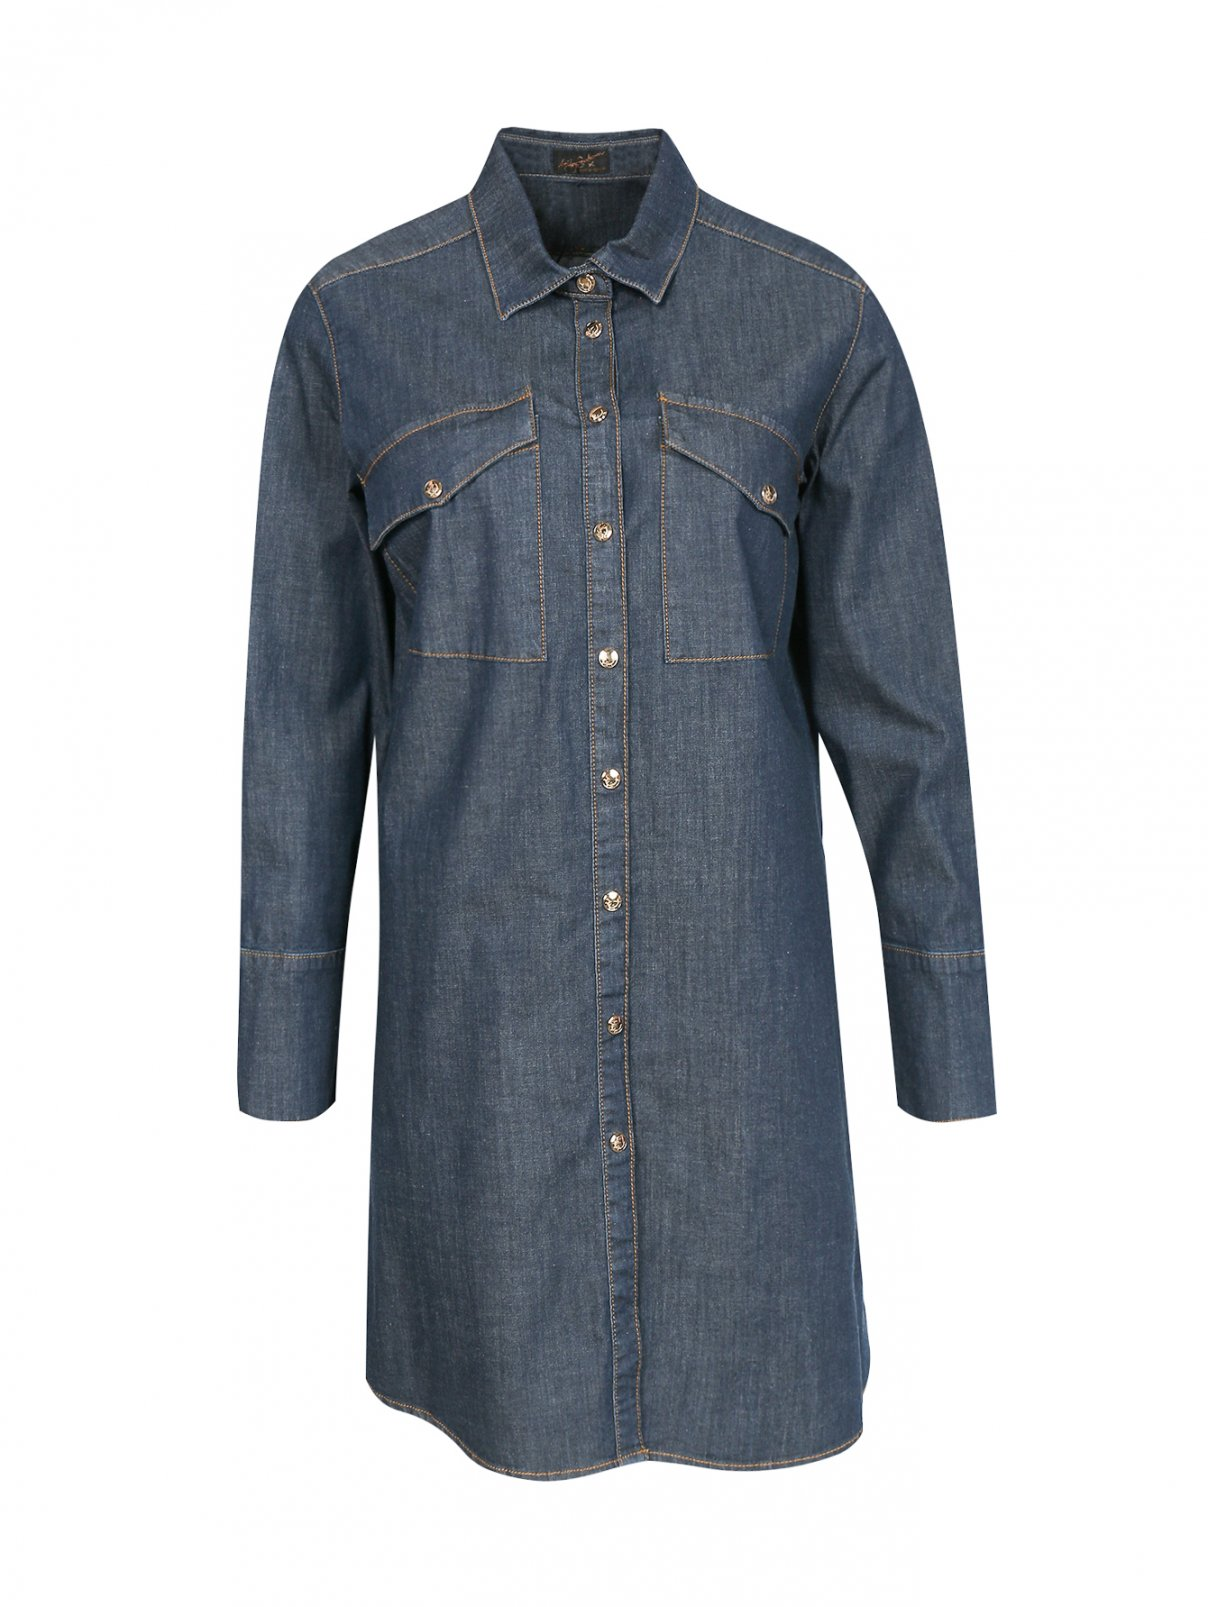 Удлиненная рубашка из денима Ashley Graham x Marina Rinaldi  –  Общий вид  – Цвет:  Синий